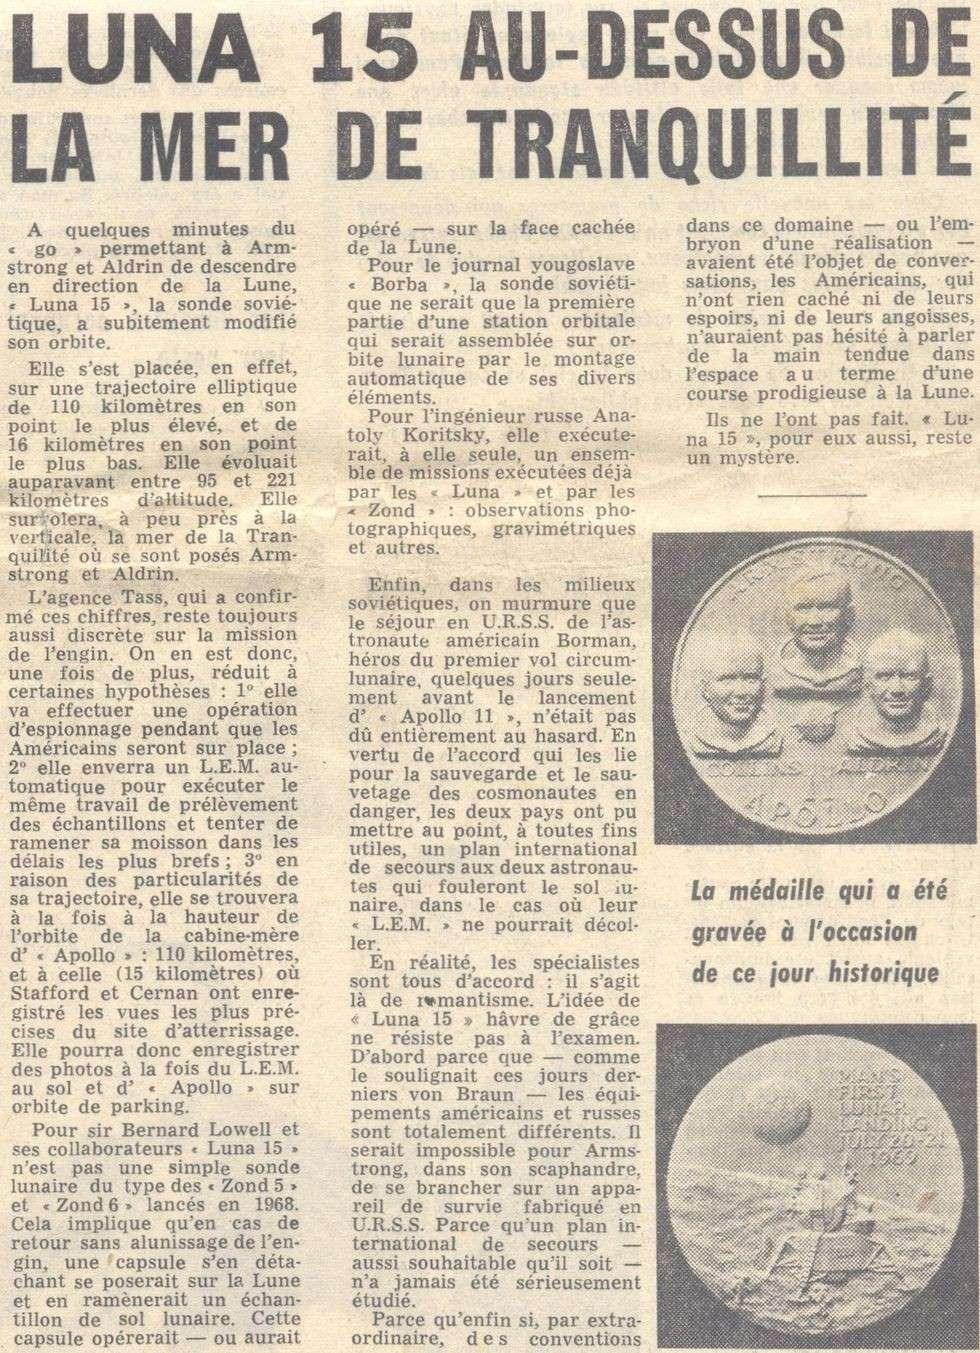 13 juillet 1969 - Luna 15, le joker soviétique 69072112